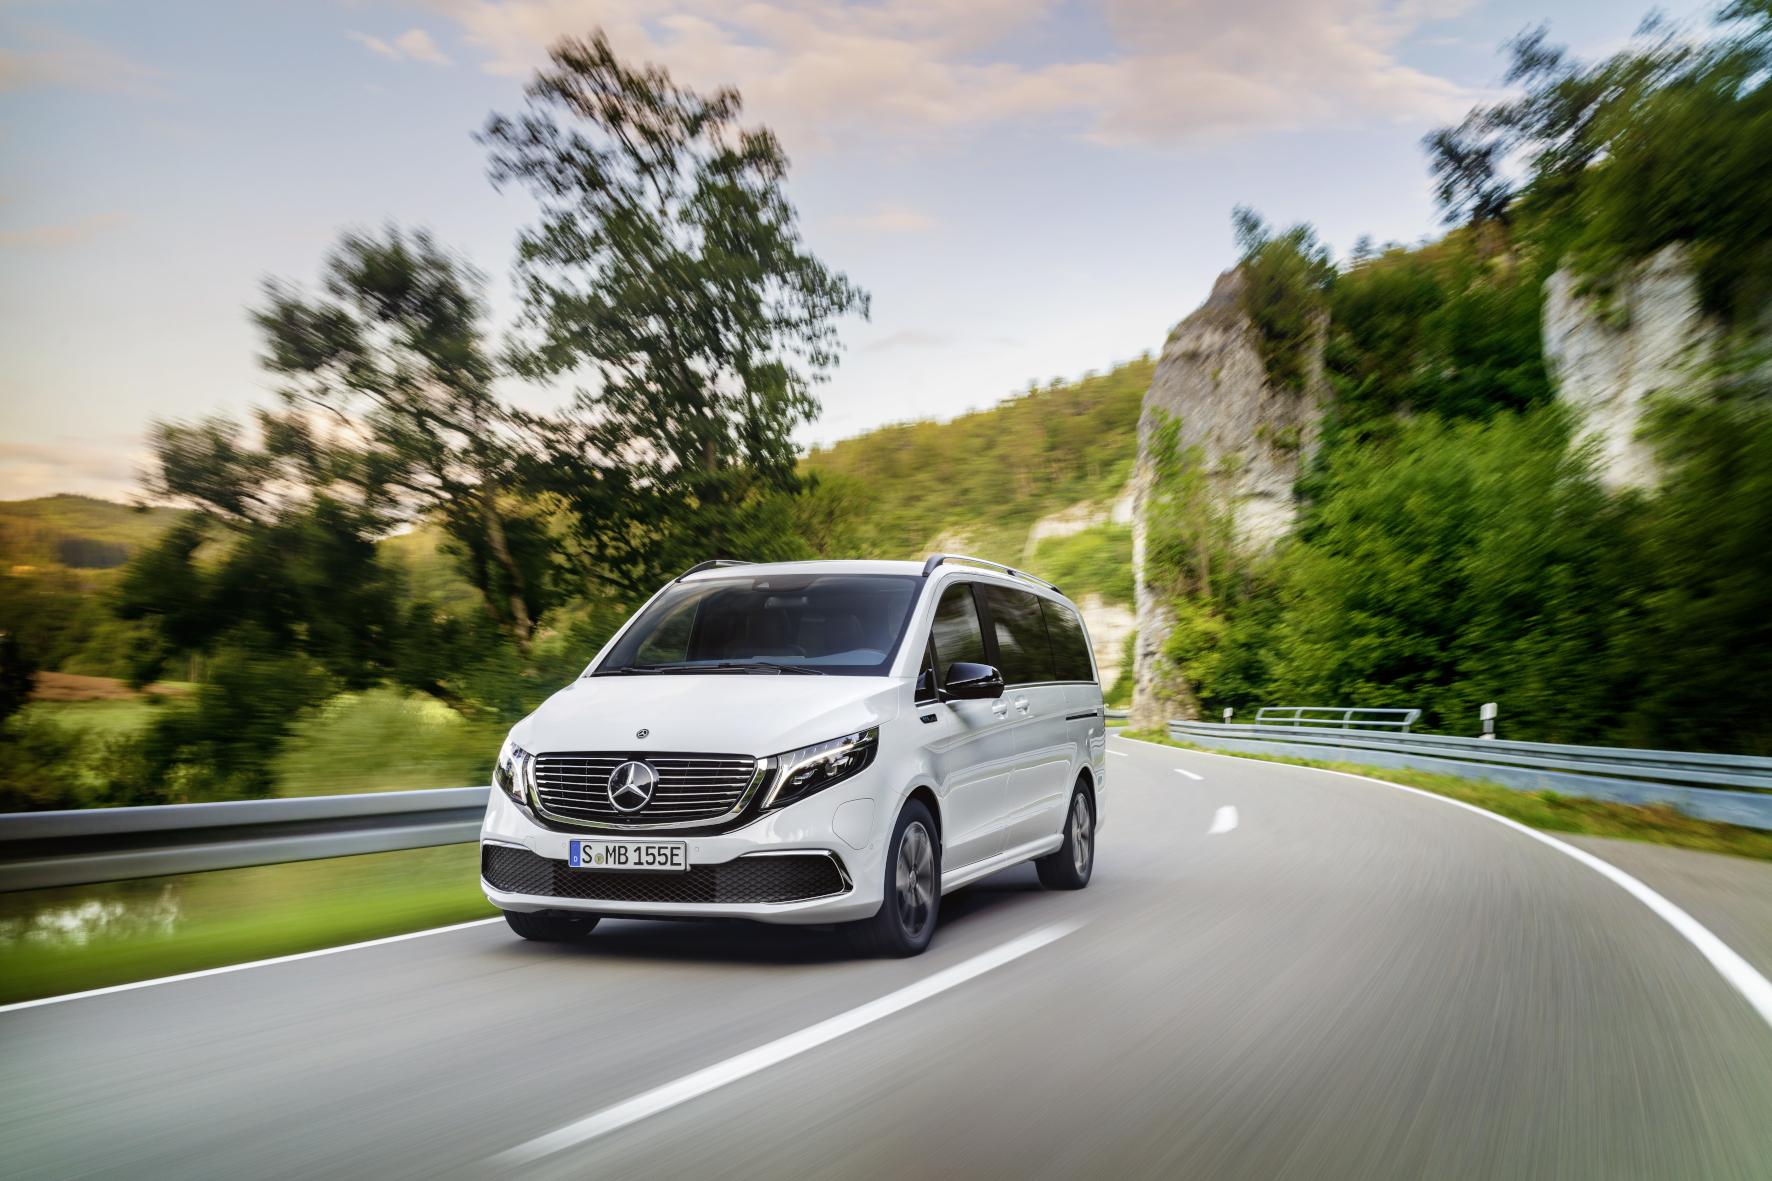 mid Groß-Gerau - Der vollelektrische EQV komplettiert die V-Klasse-Familie. Daimler